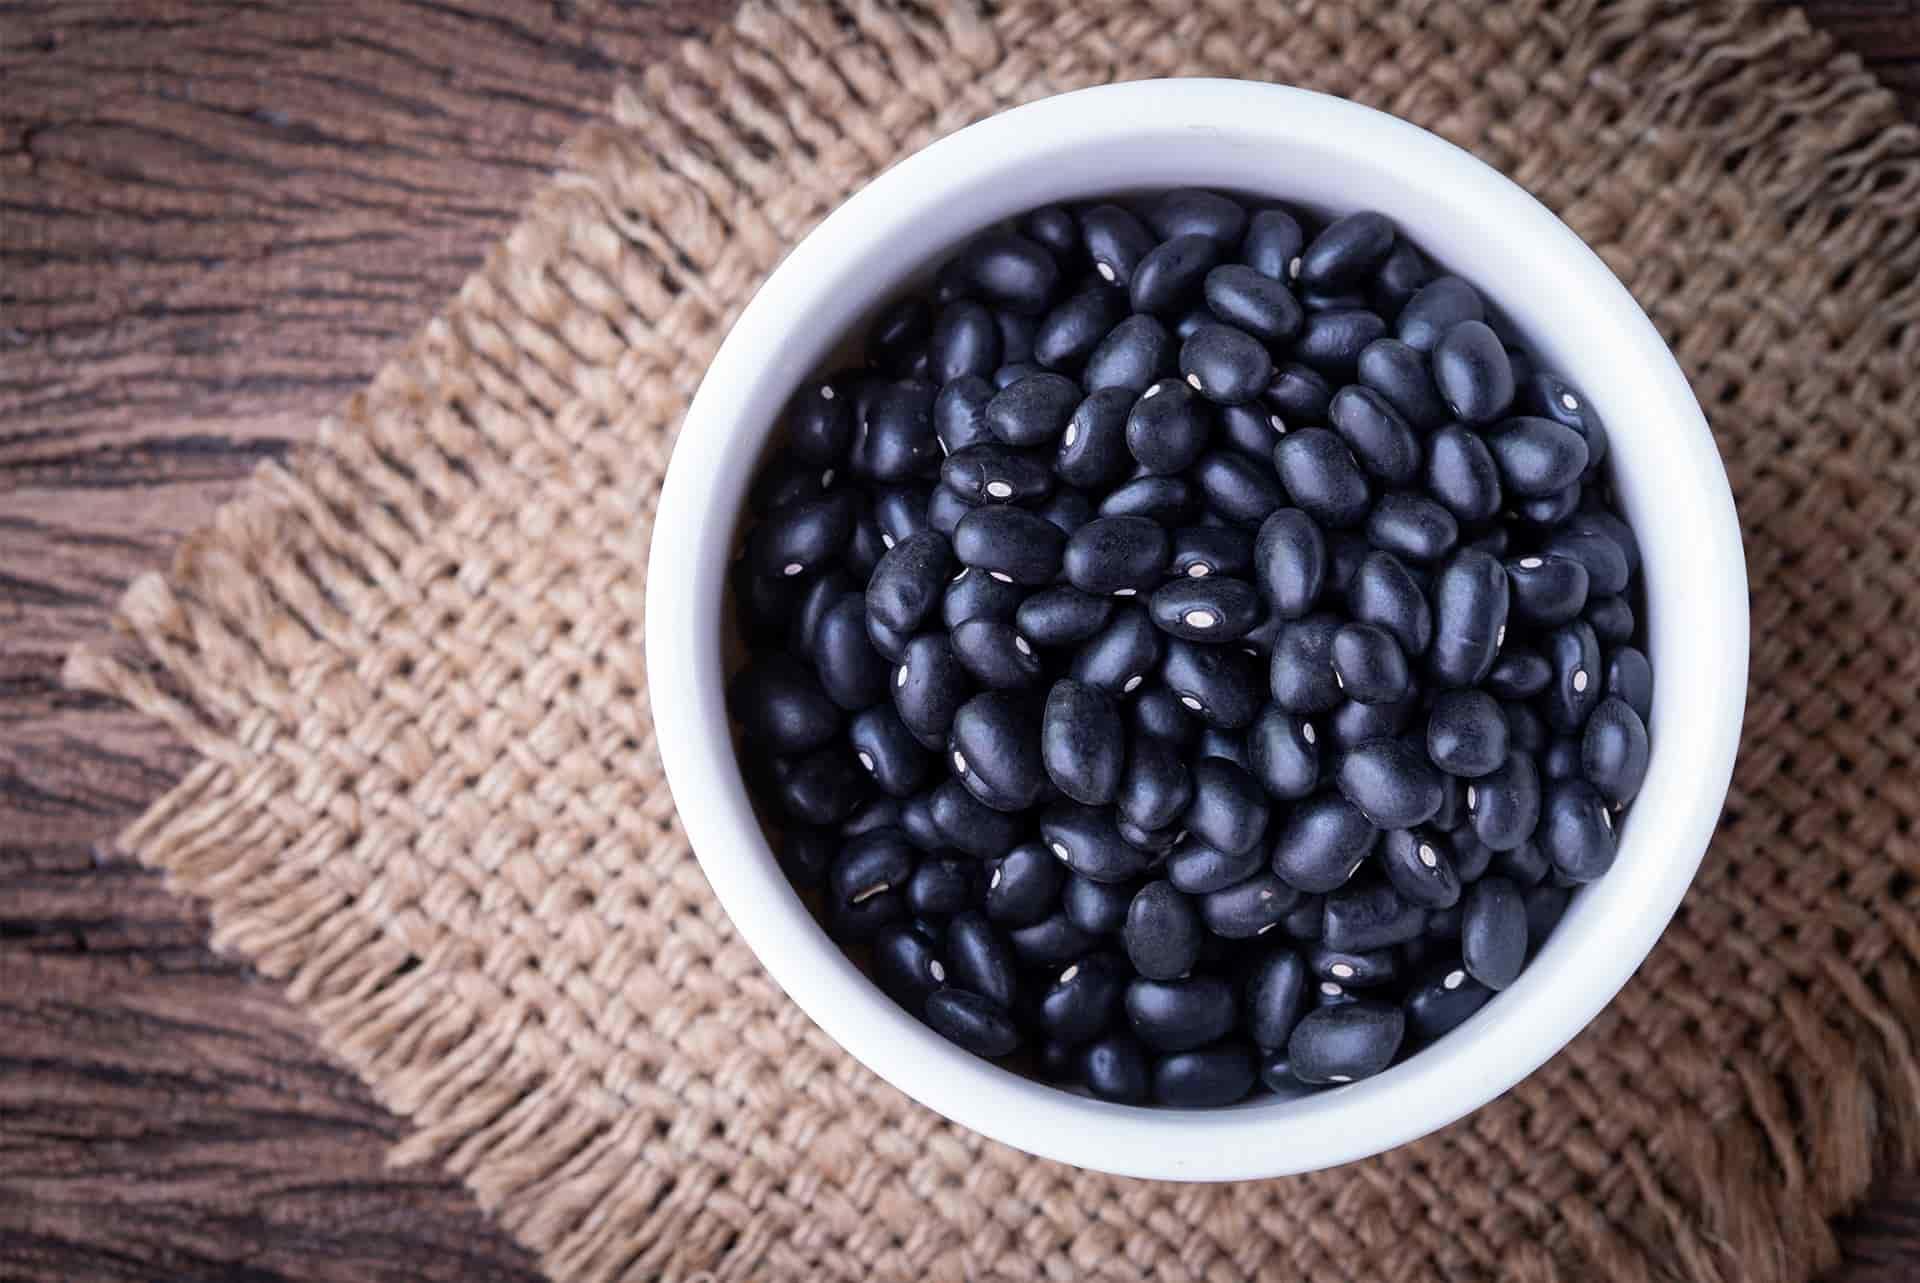 Siyah Fasulye Nedir ve Yararları Nelerdir?